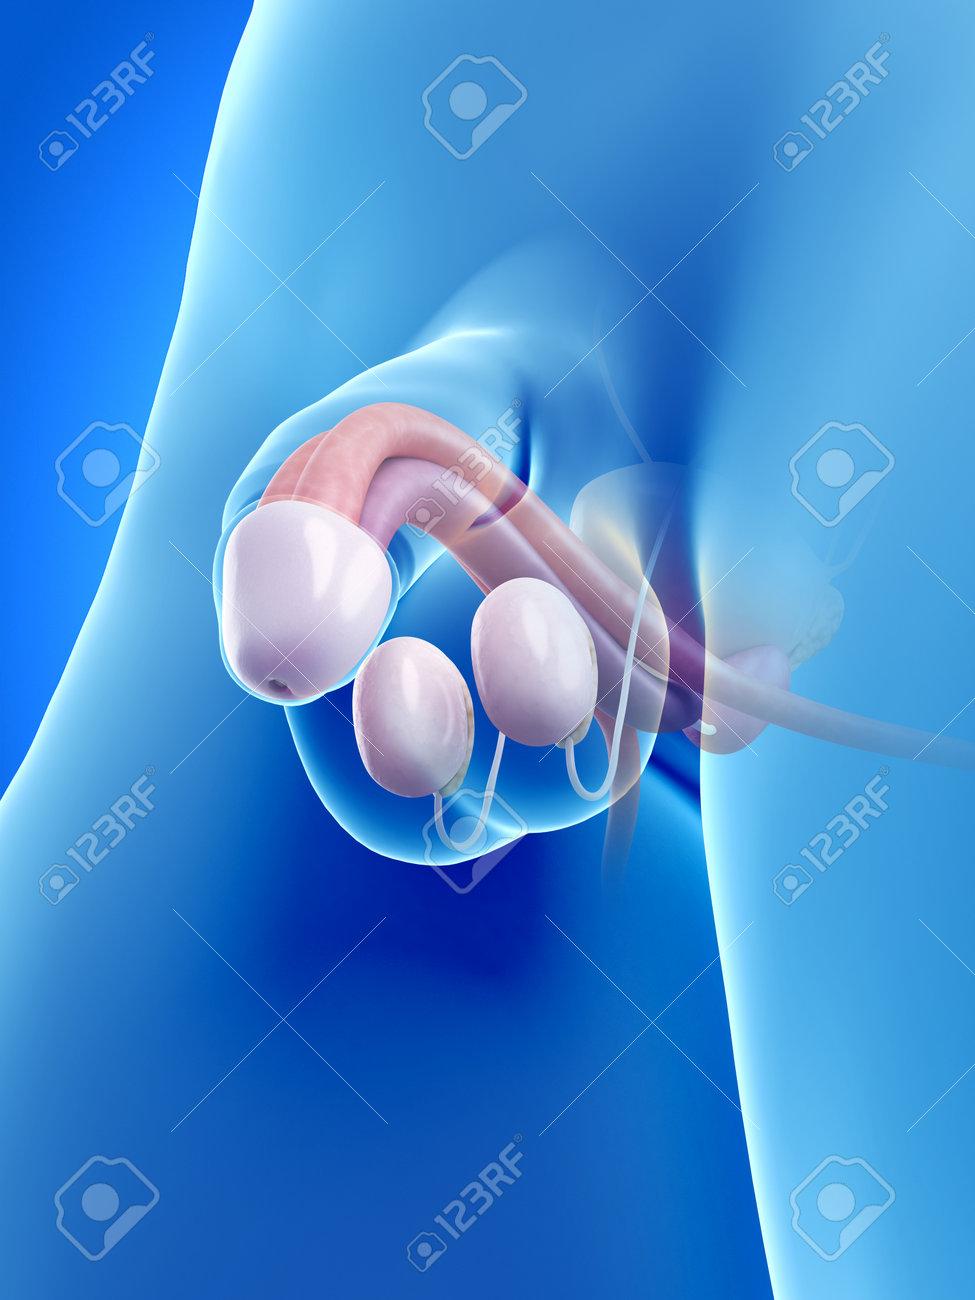 Magnífico La Anatomía Del Pene Fotos - Imágenes de Anatomía Humana ...